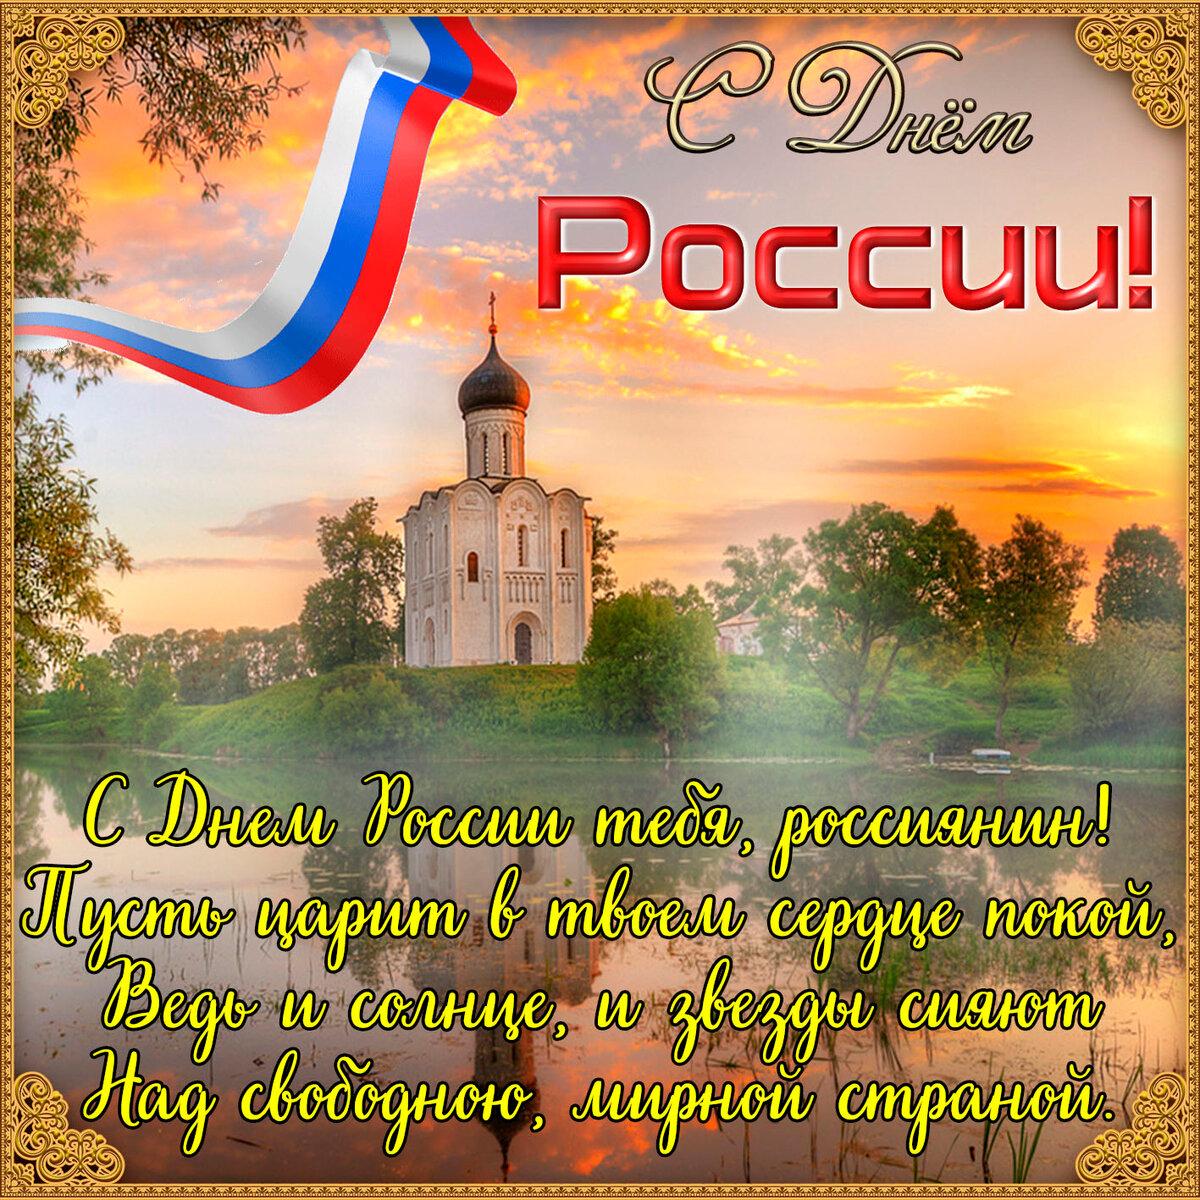 Открытки с днем независимости россии 12-го июня, православная